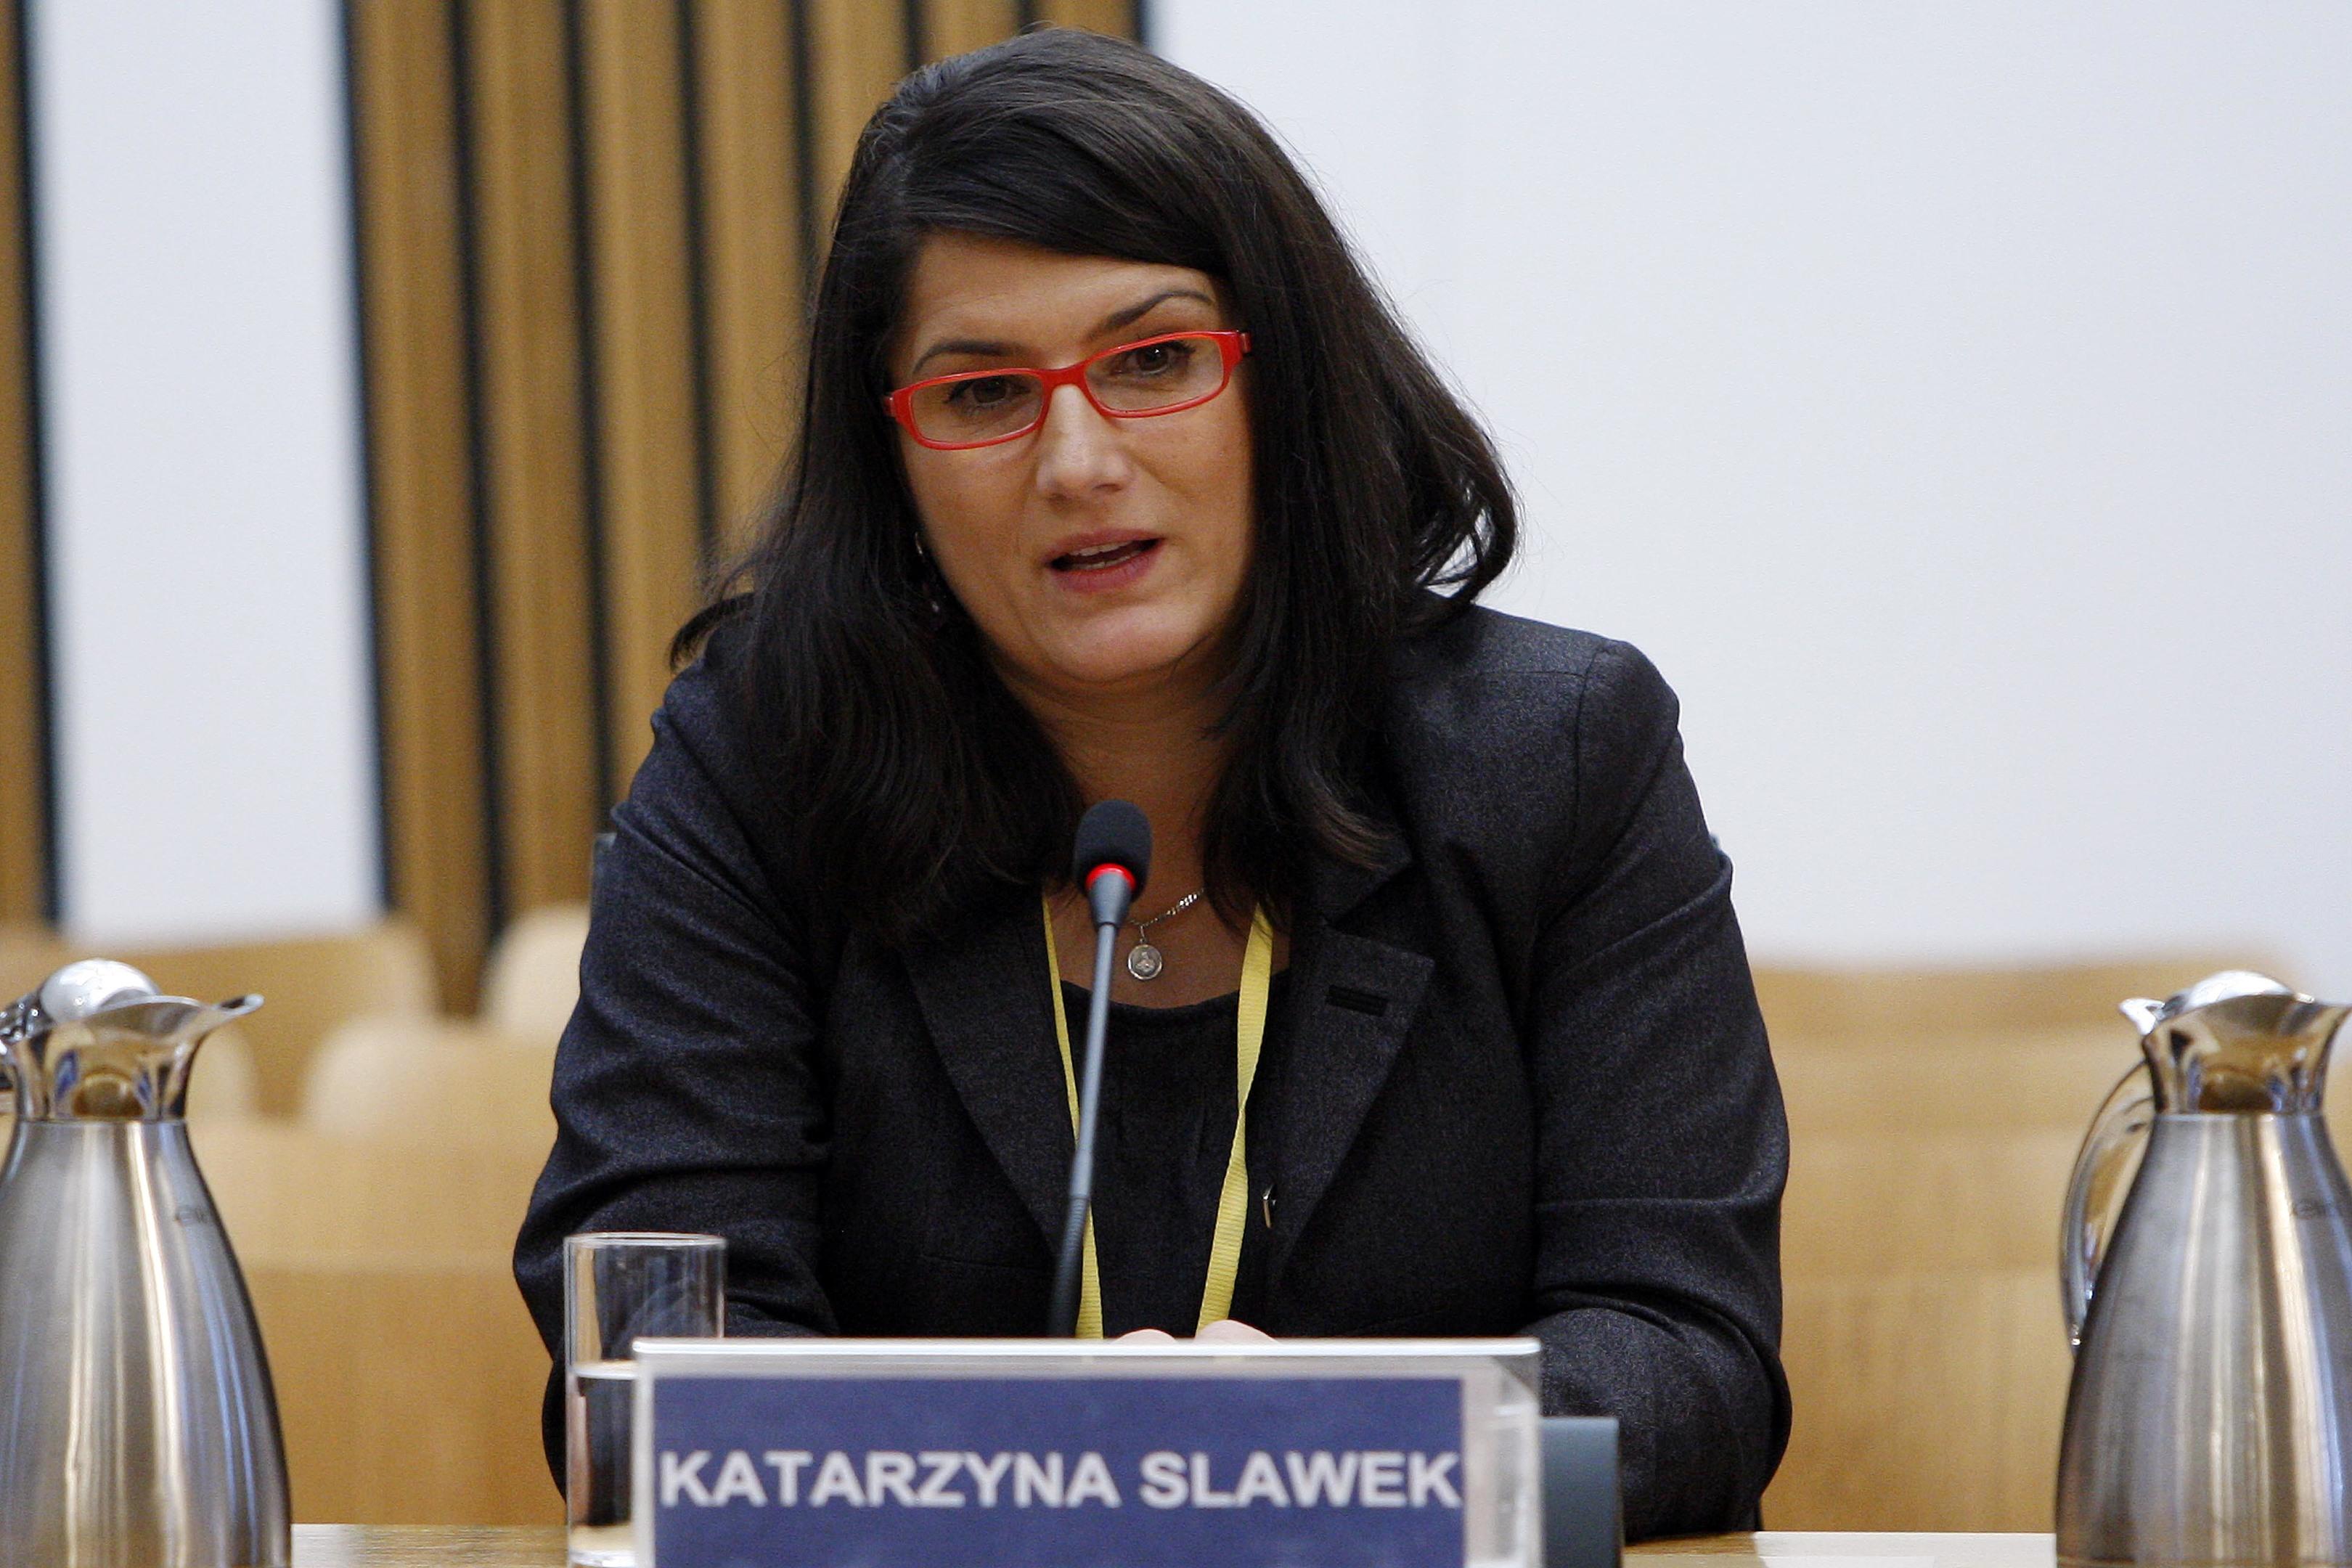 Katarzyna Slawek